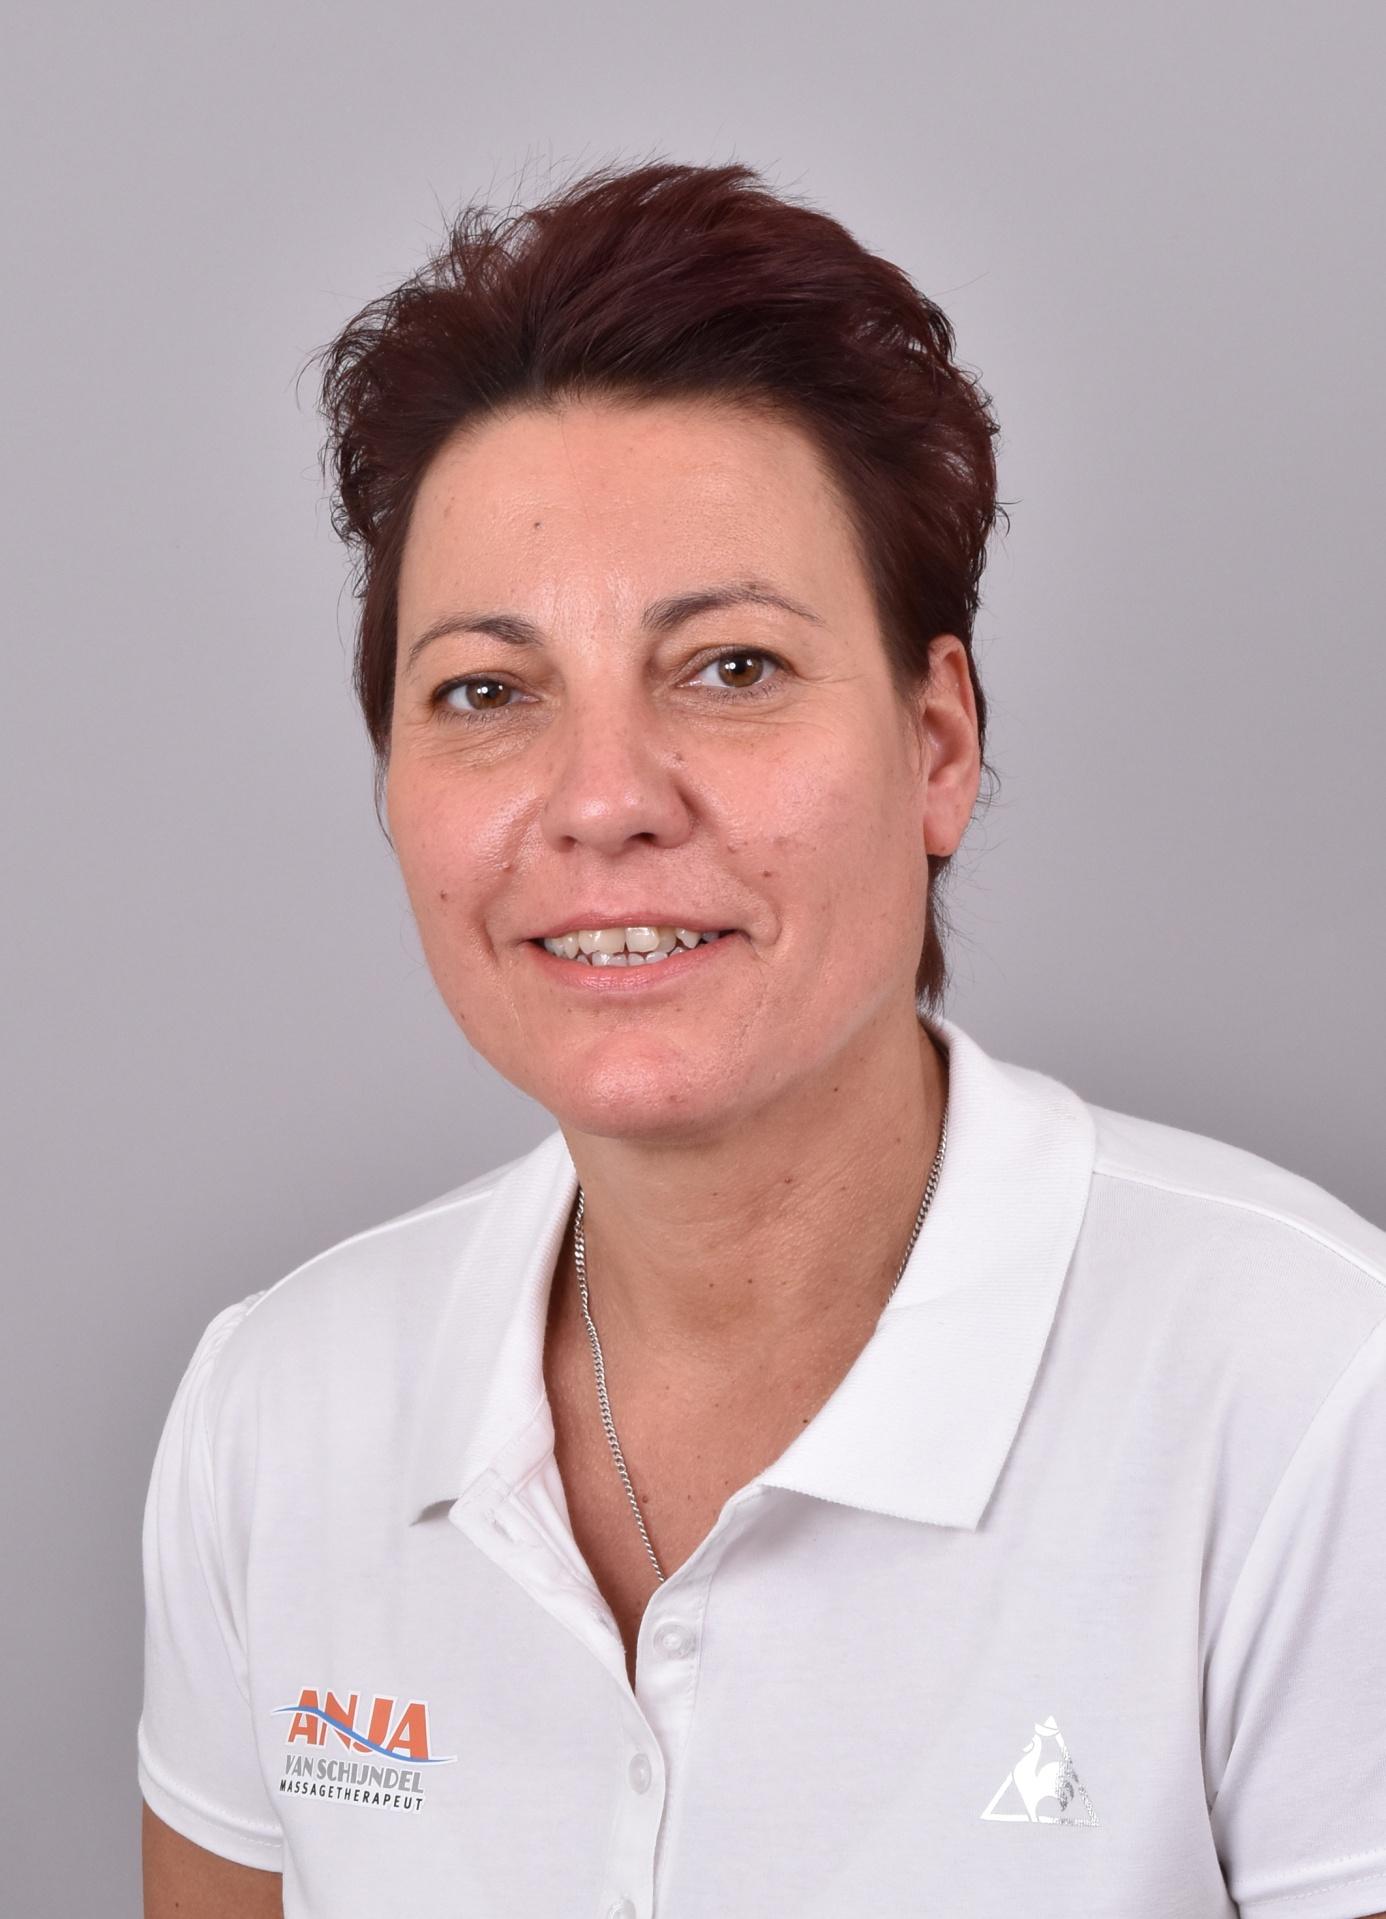 Anja van Schijndel